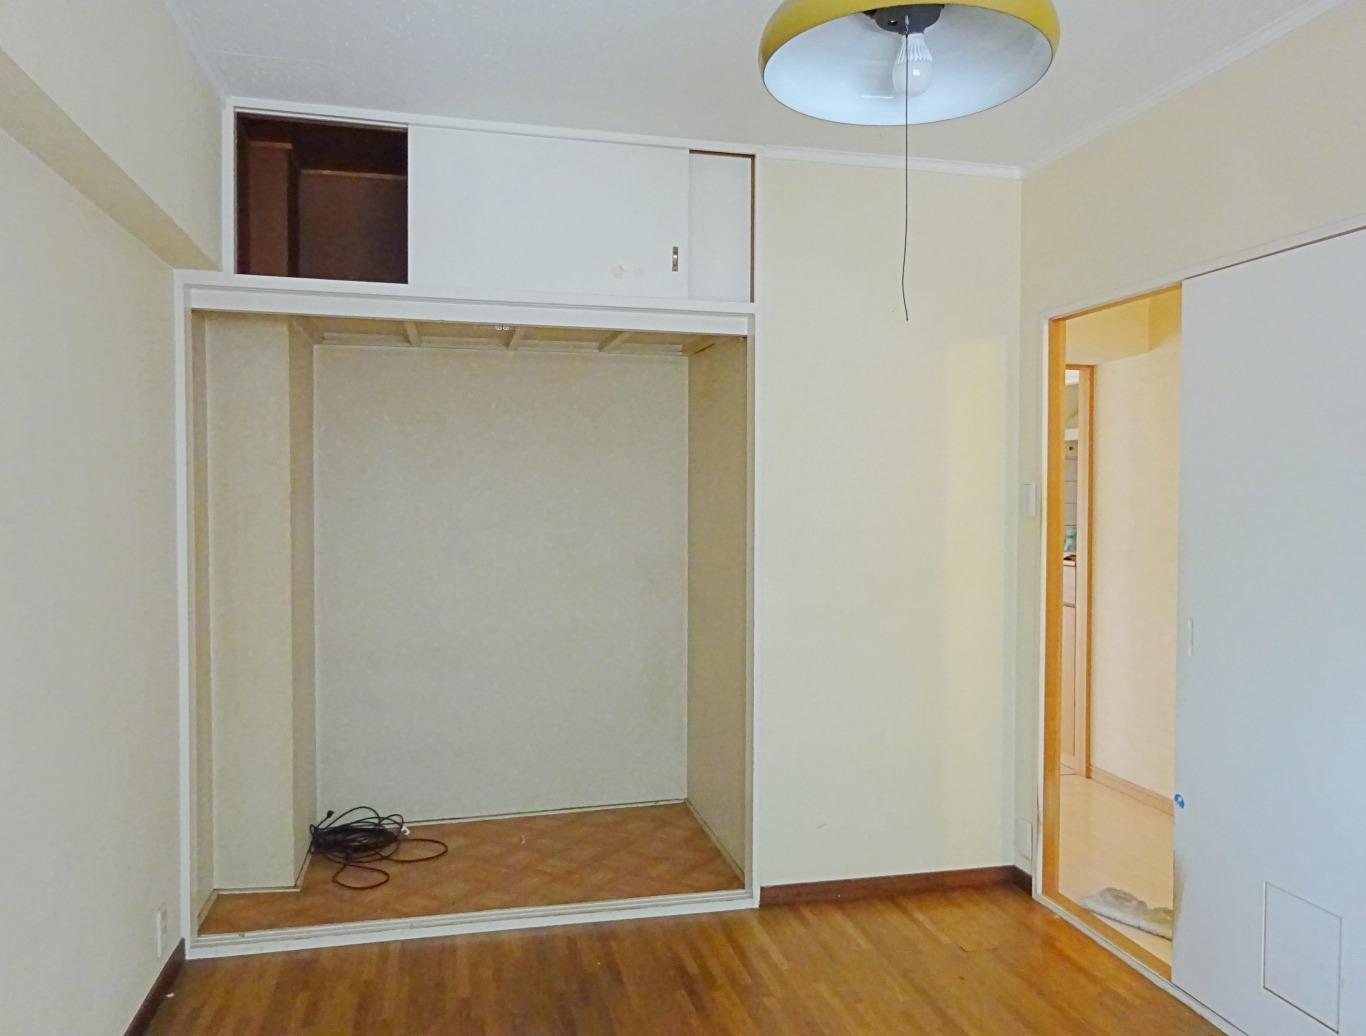 寝室、もしくは子供部屋に丁度良い!?